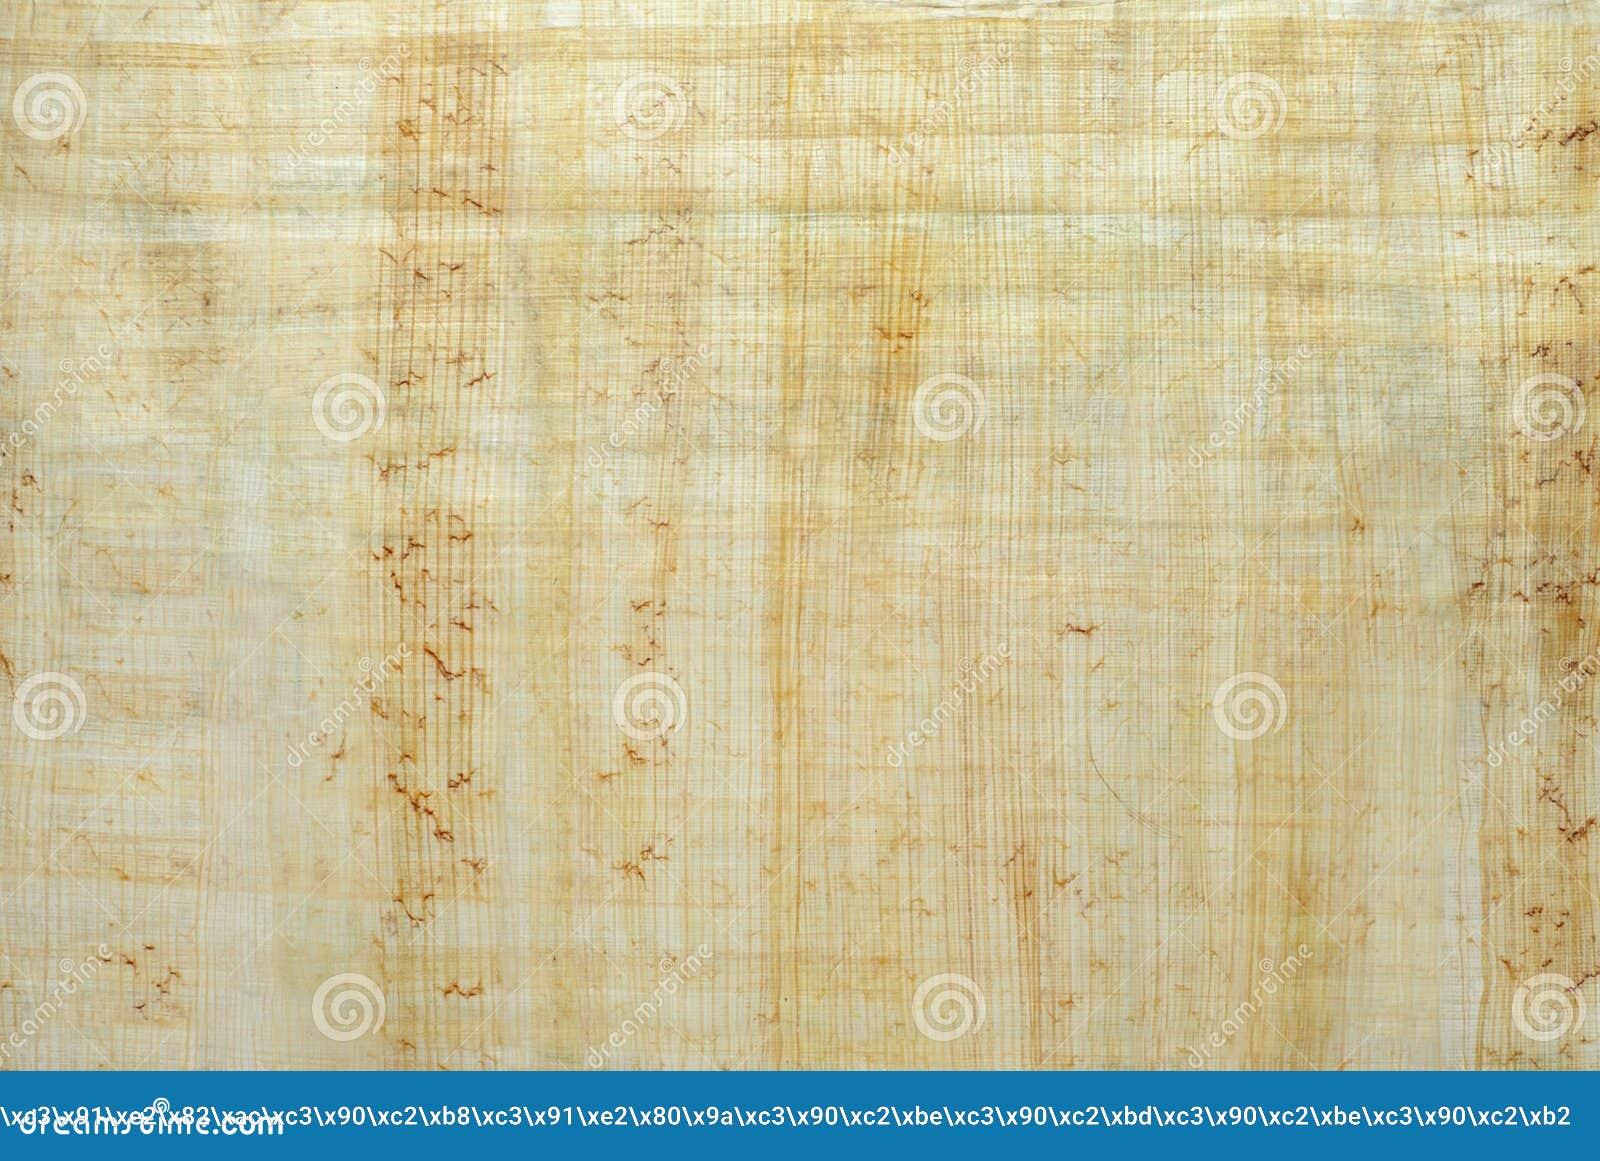 Bakgrund textur: yttersida av den naturliga egyptiska papyruset